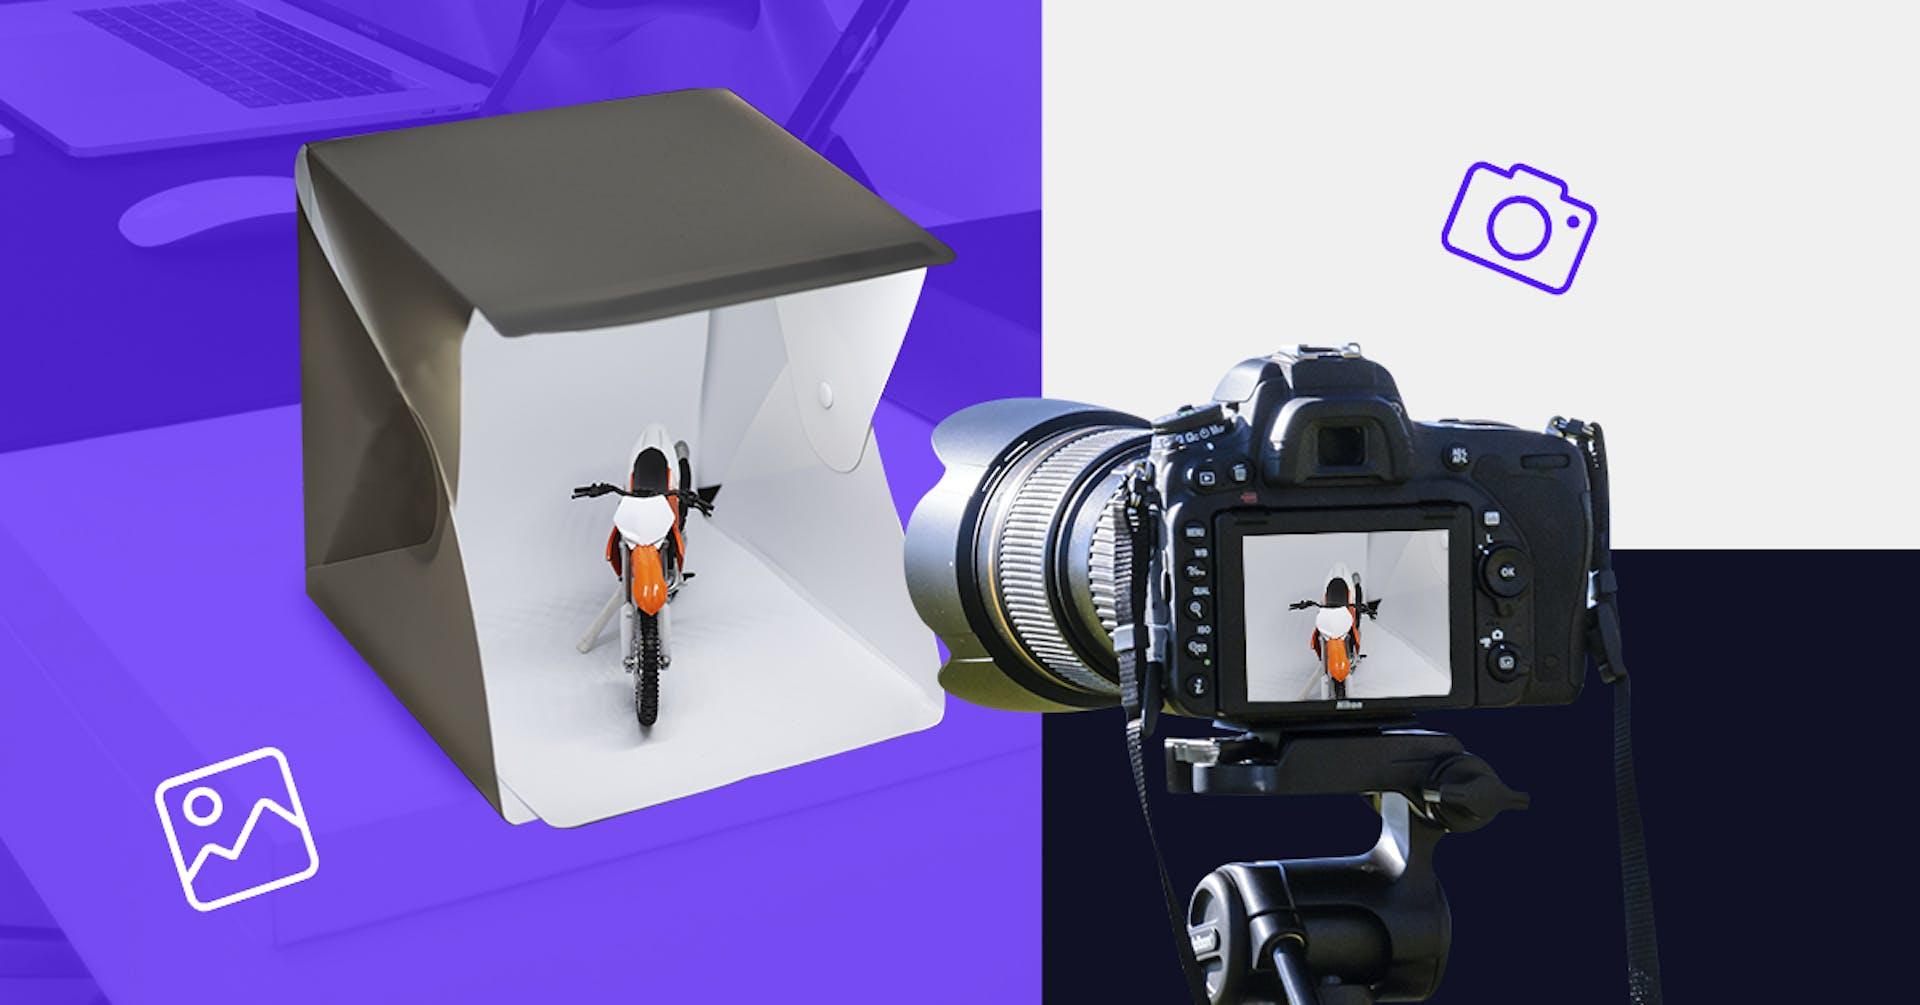 Construye tu propia caja de luz en casa: toma fotografías como un profesional